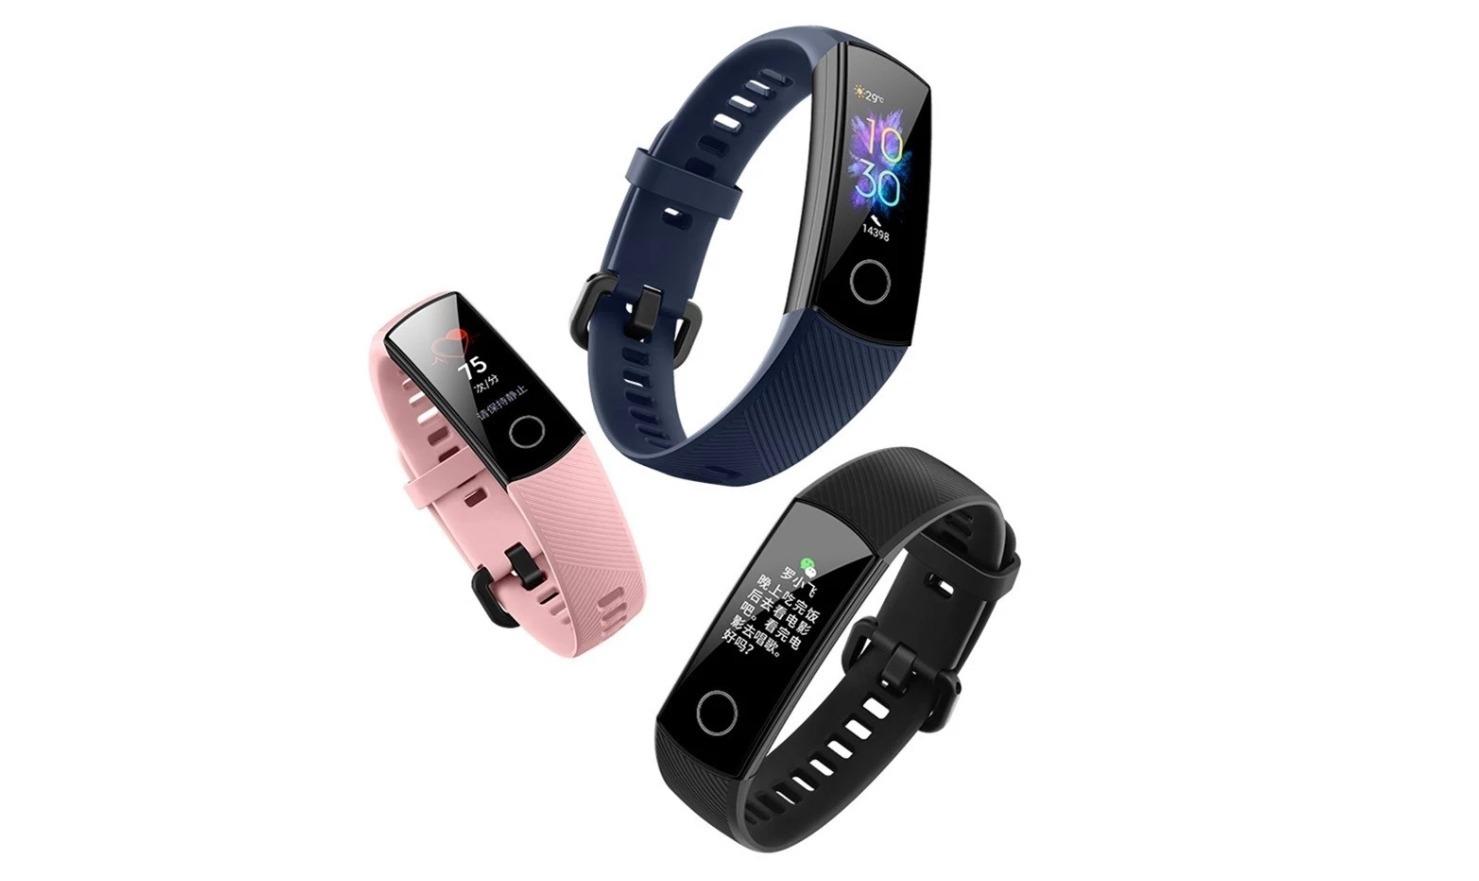 Honor Band 5, la smartband che sfida Xiaomi Mi Band 4 a soli 22 €